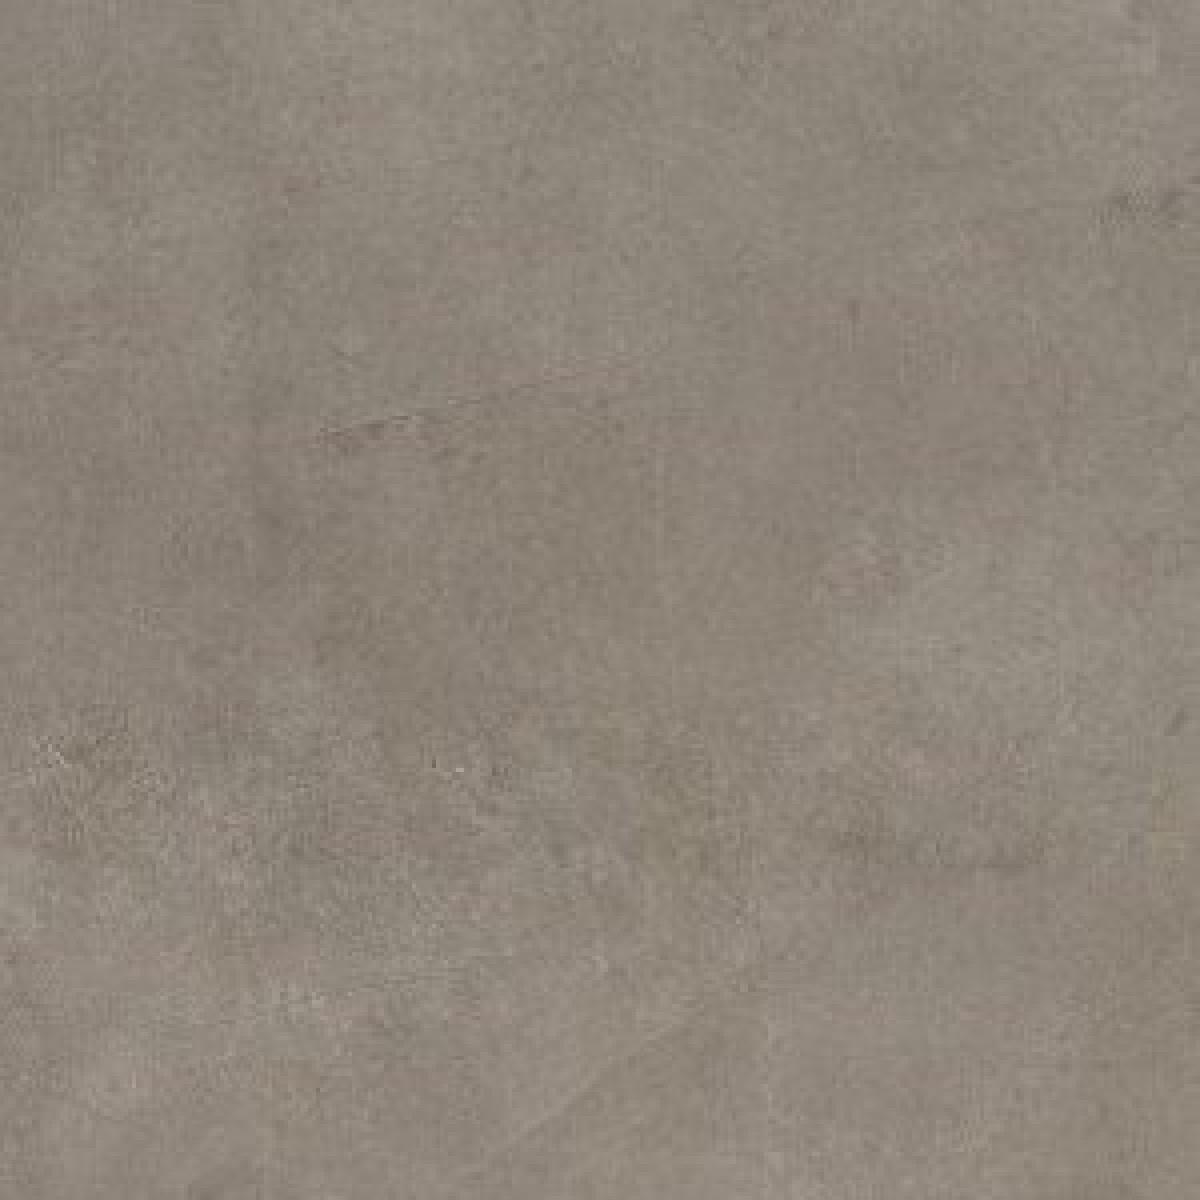 Płytka podłogowa Ceramika Limone Qubus Dark Grey 33x33cm limQubDarGre33x33